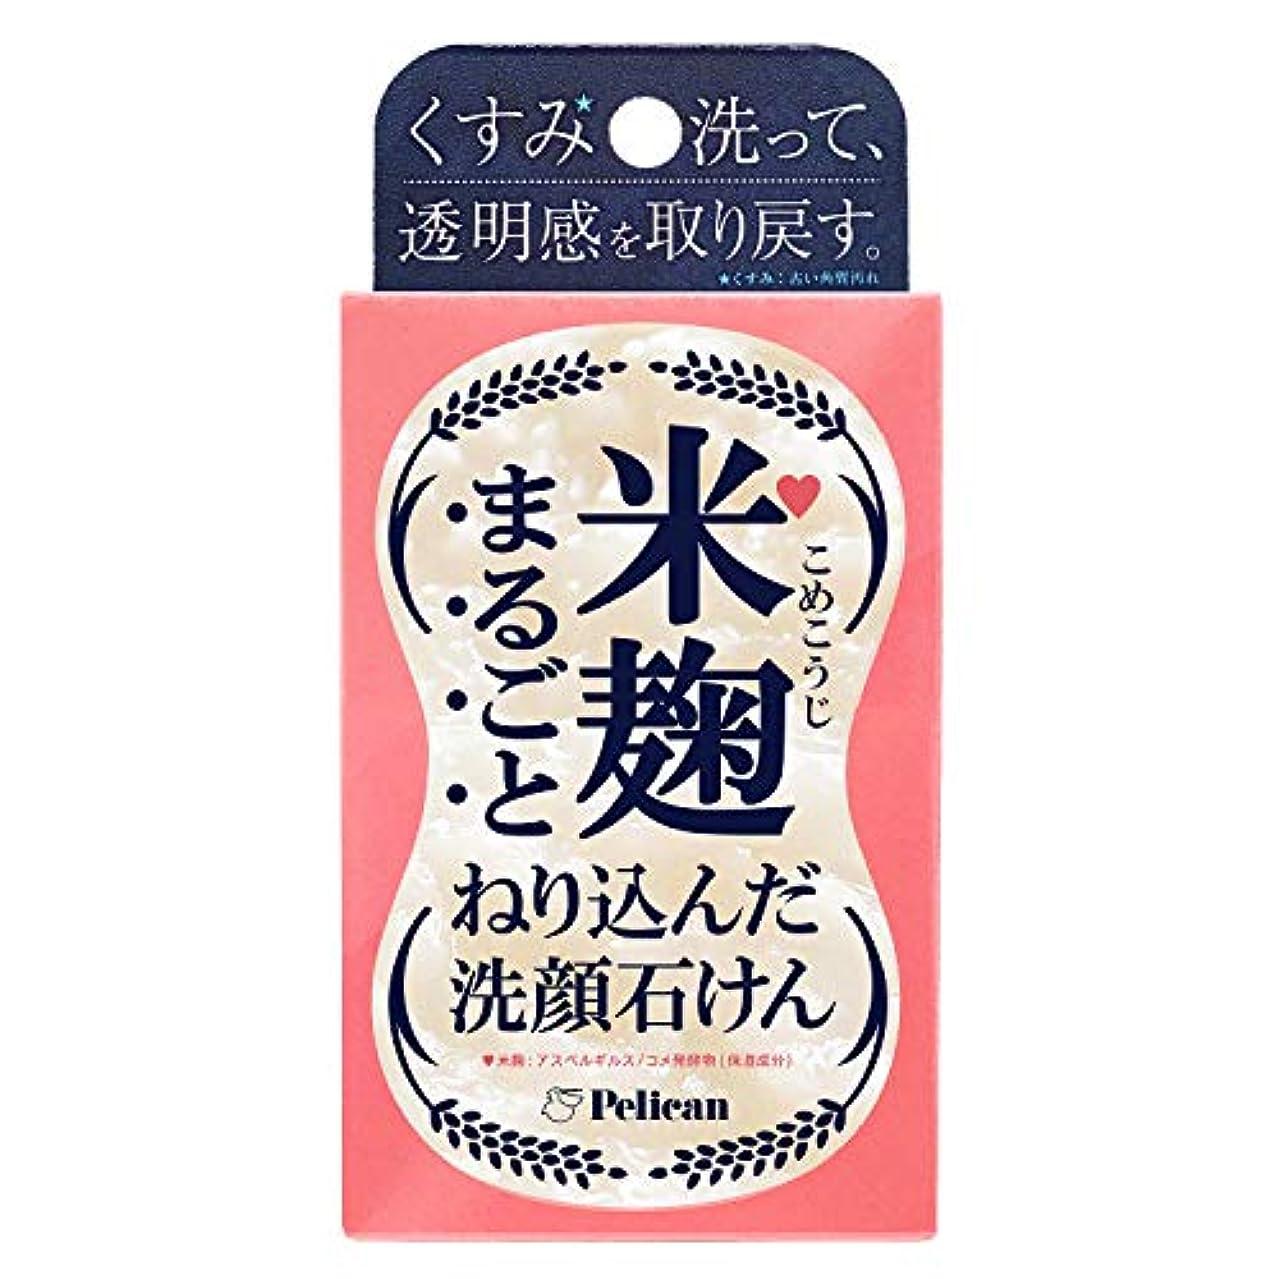 代名詞ストッキング非常に米麹まるごとねり込んだ洗顔石けん 75g